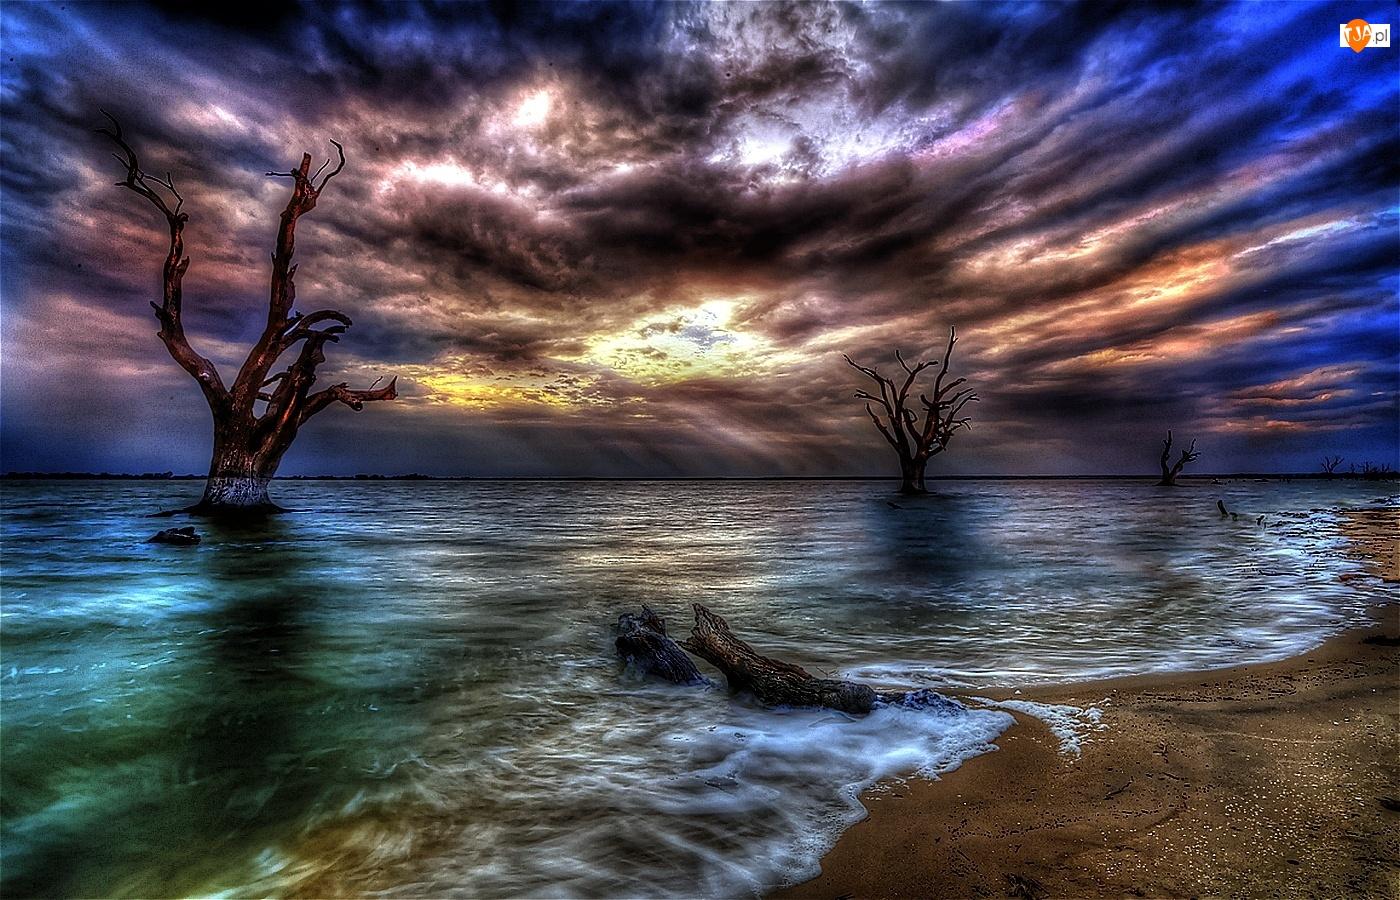 Konary, Zachód, Morze, Chmury, Drzew, Plaża, Słońca